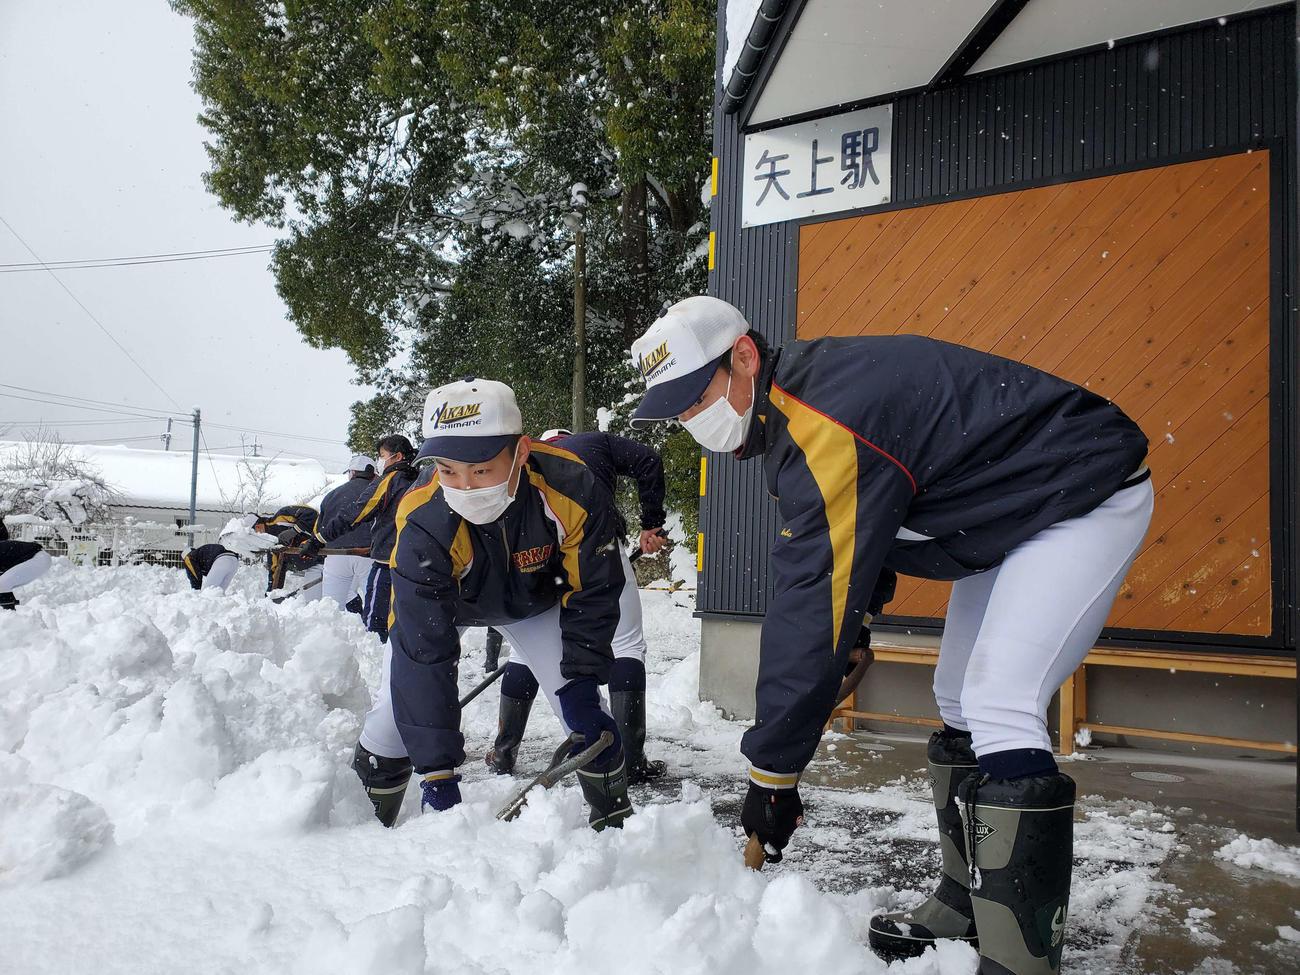 ユニホーム姿で雪かきする矢上ナイン(チーム提供)